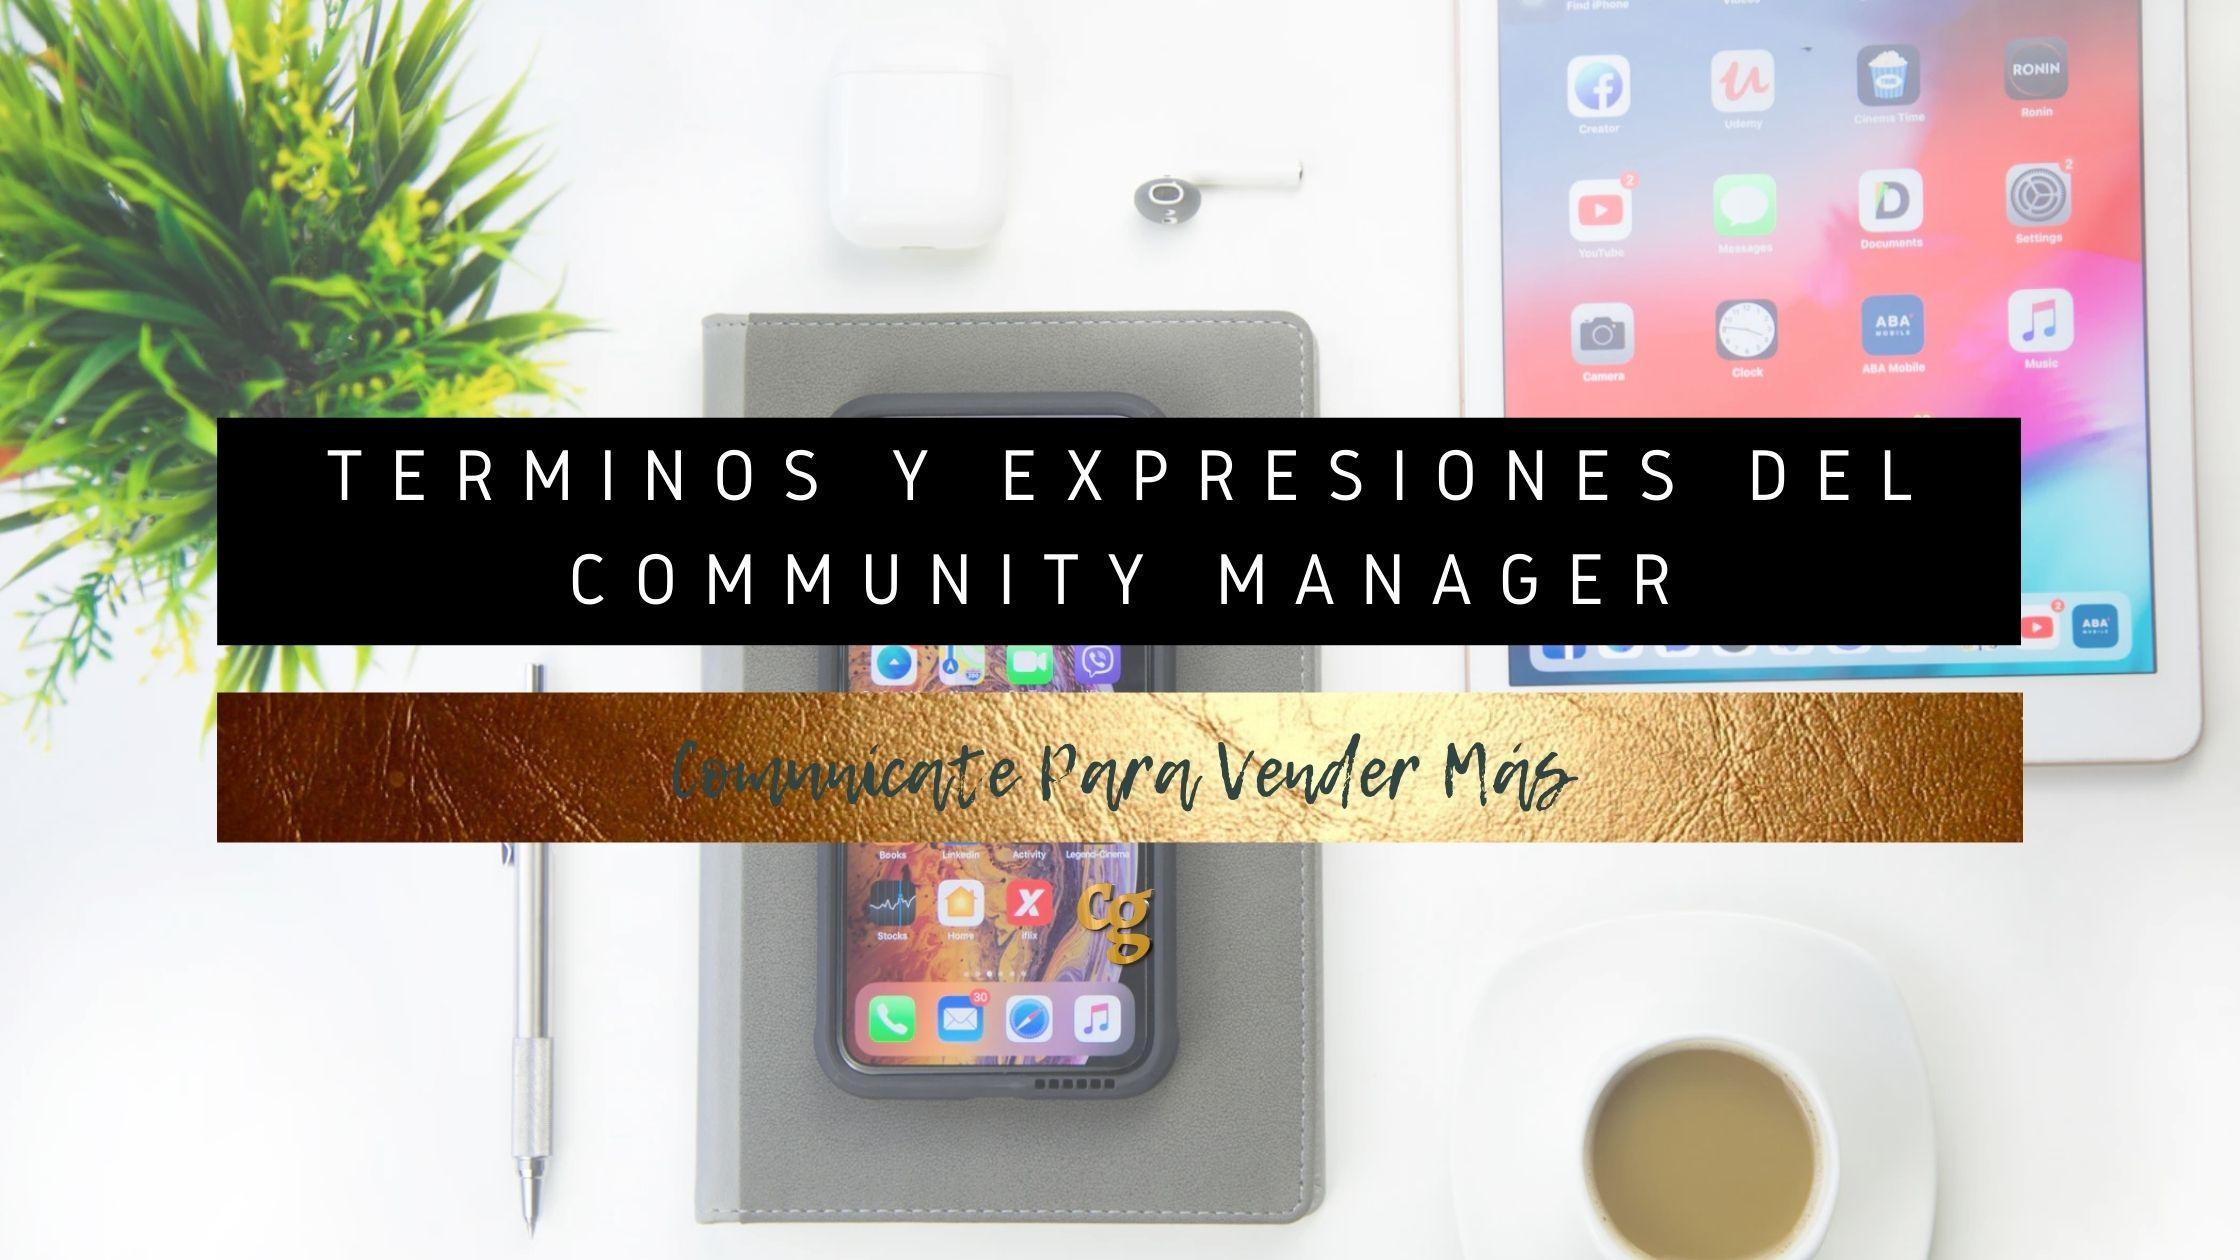 Términos y expresiones del community manager